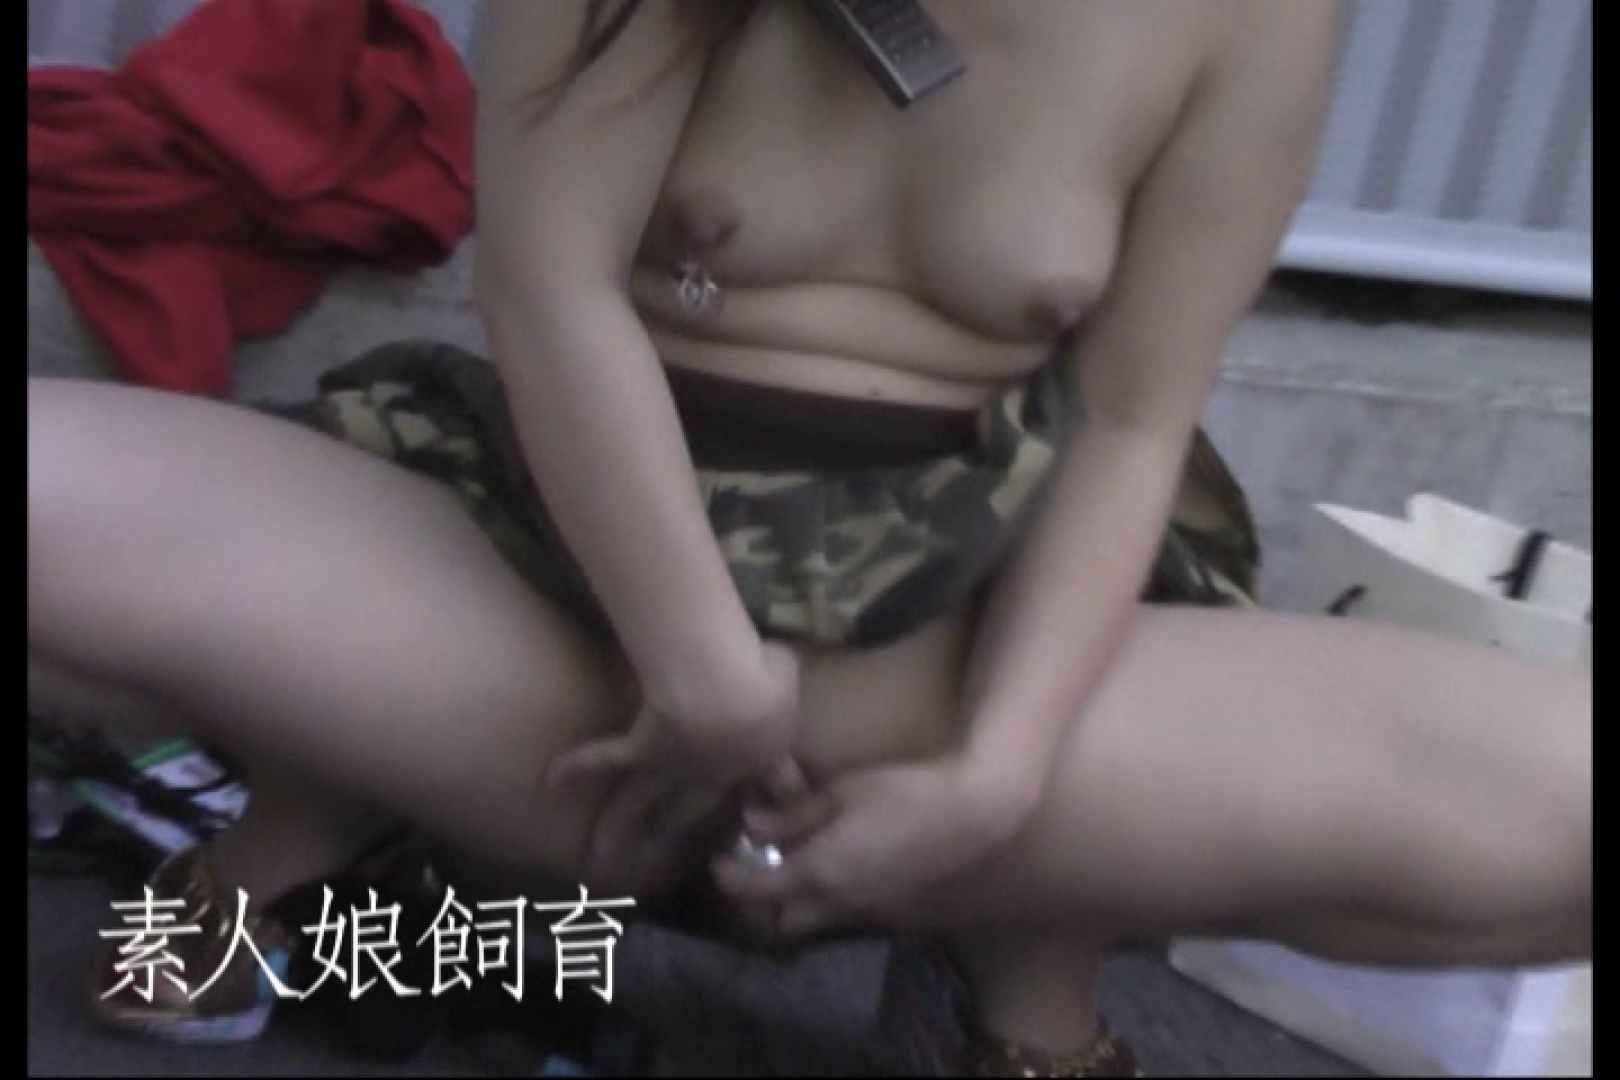 素人嬢飼育~お前の餌は他人棒~6月17日野外露出 素人丸裸  74pic 27